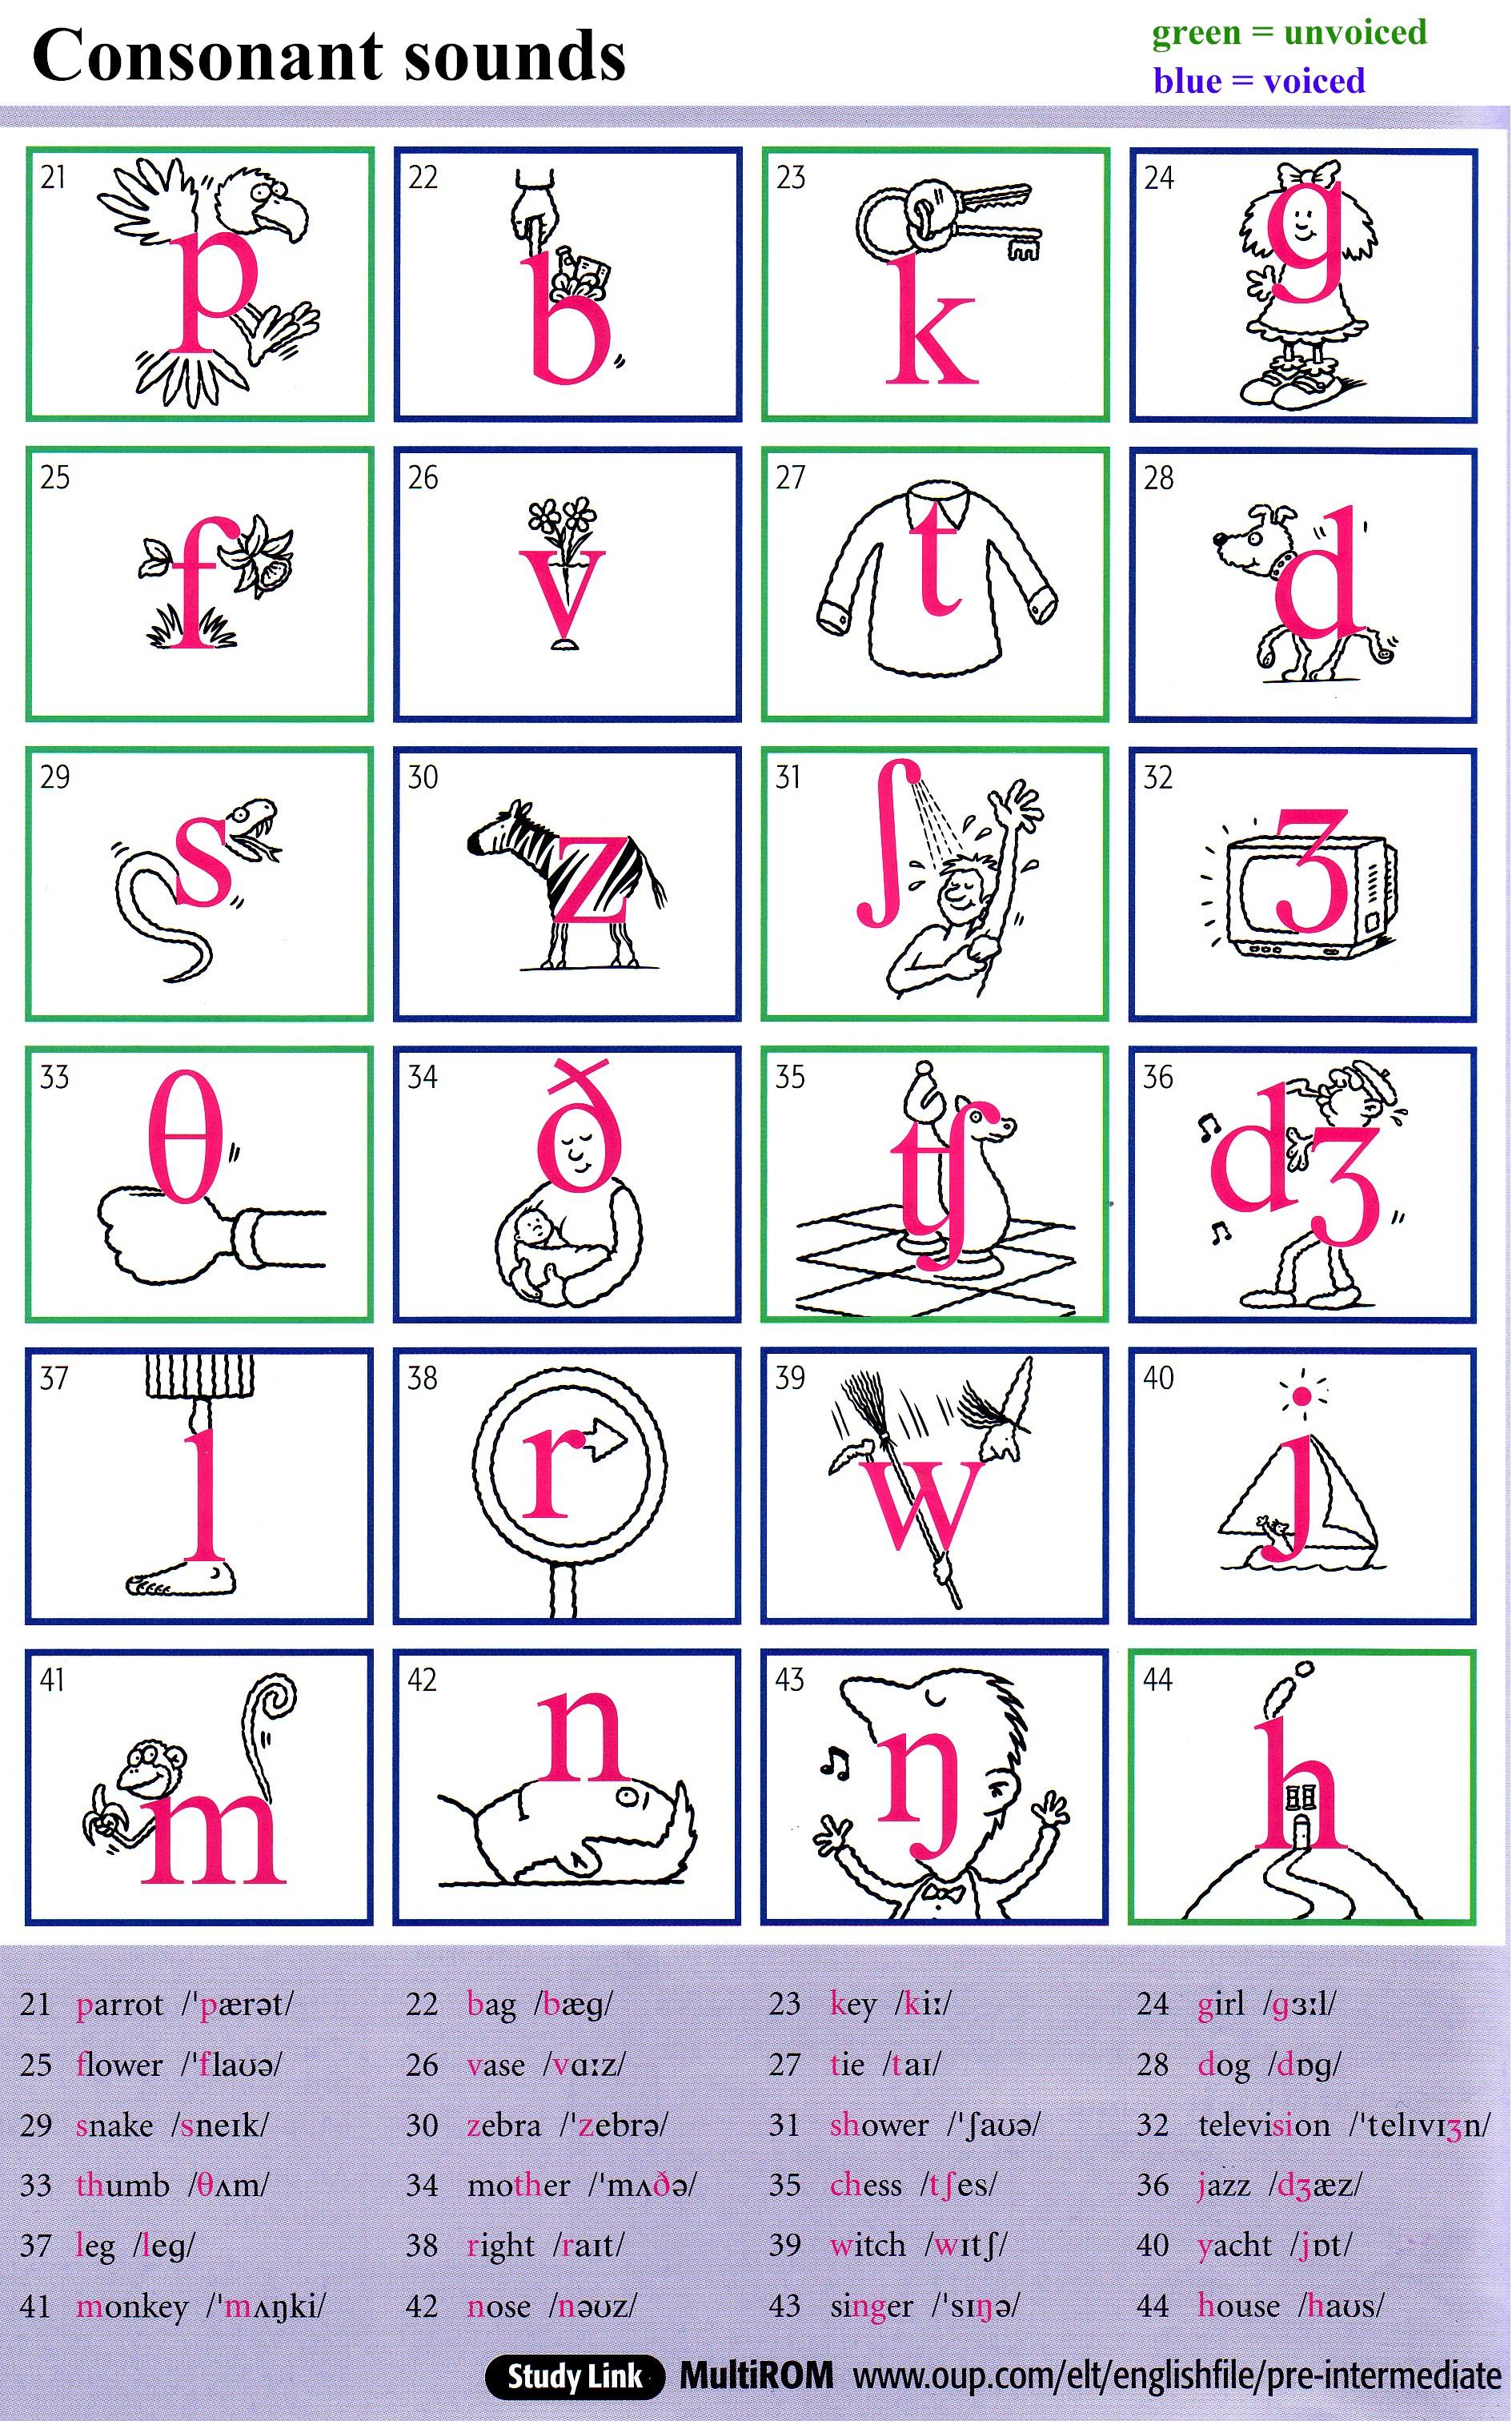 The English Phonetic Alphabet